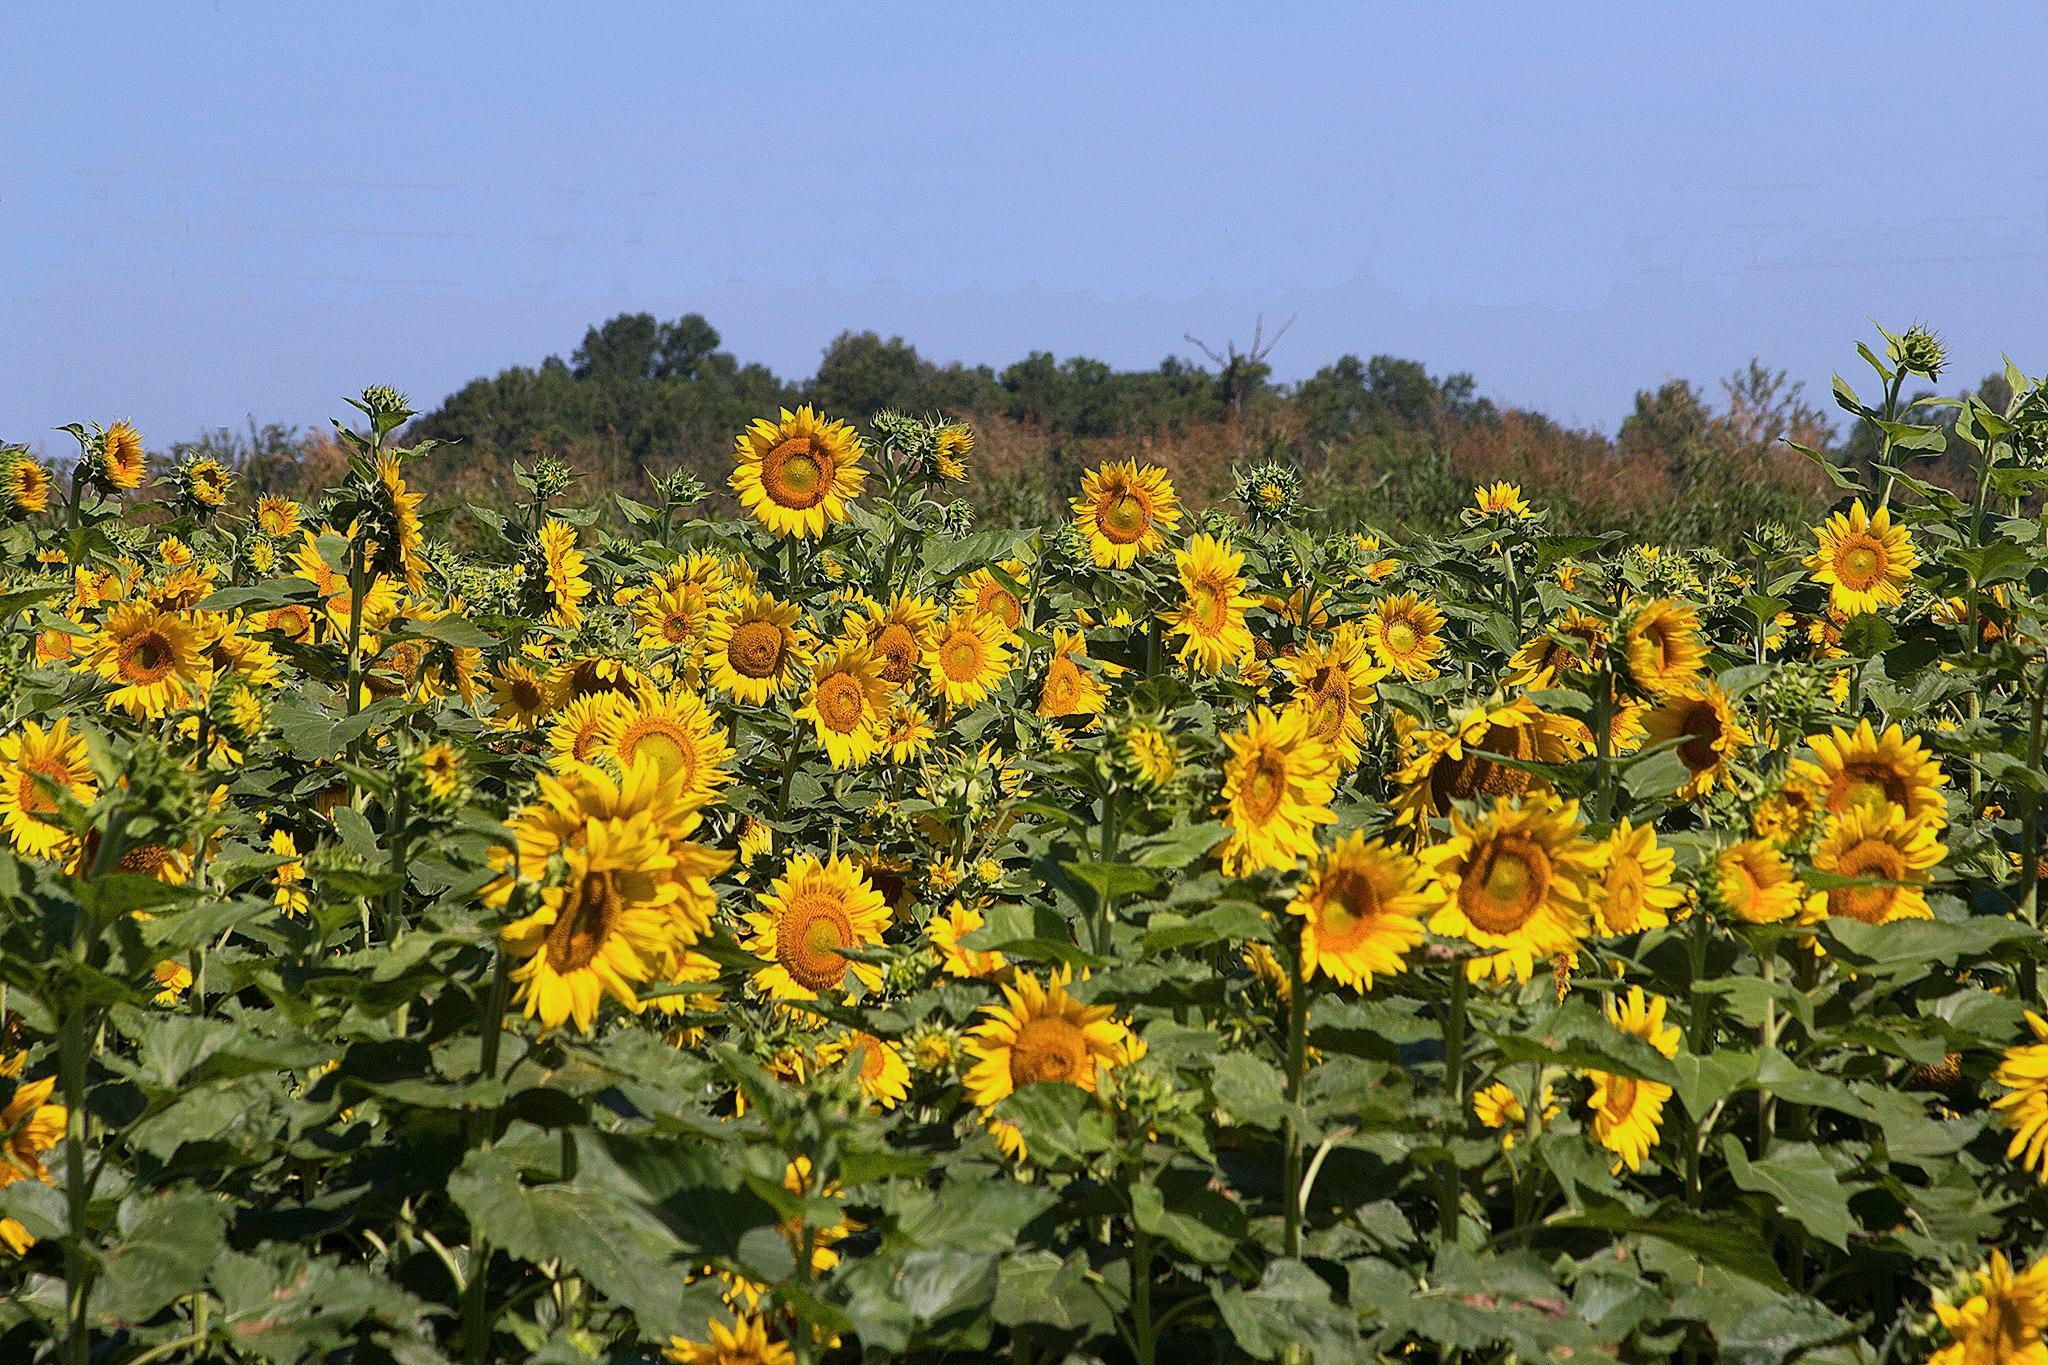 Sunflowers 2 by Joe Seawright